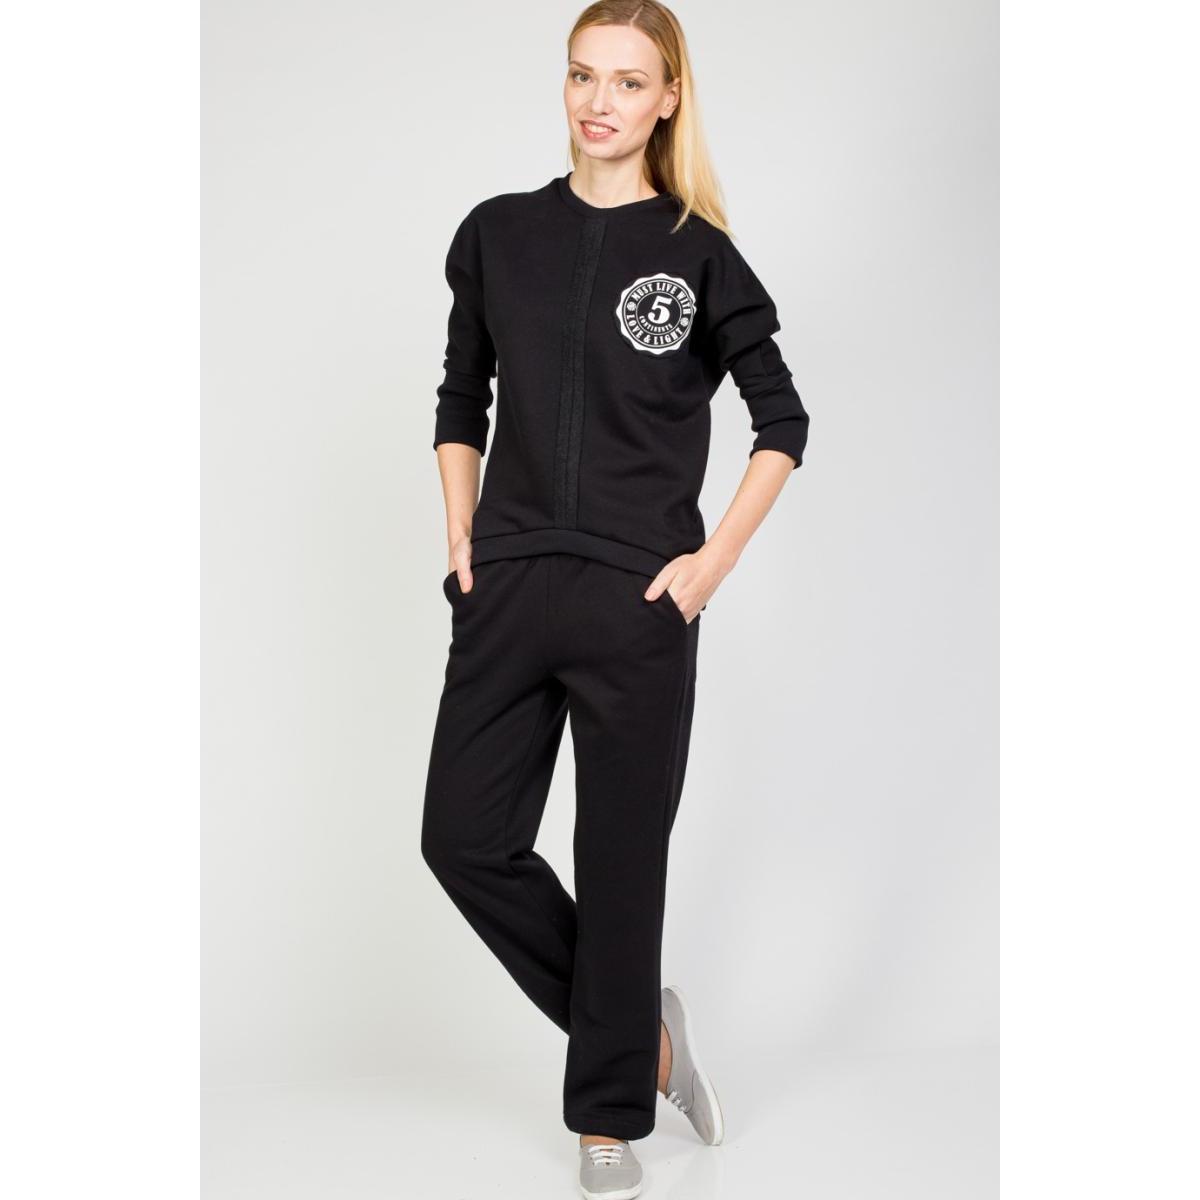 Каталог Женской Одежды Доставка